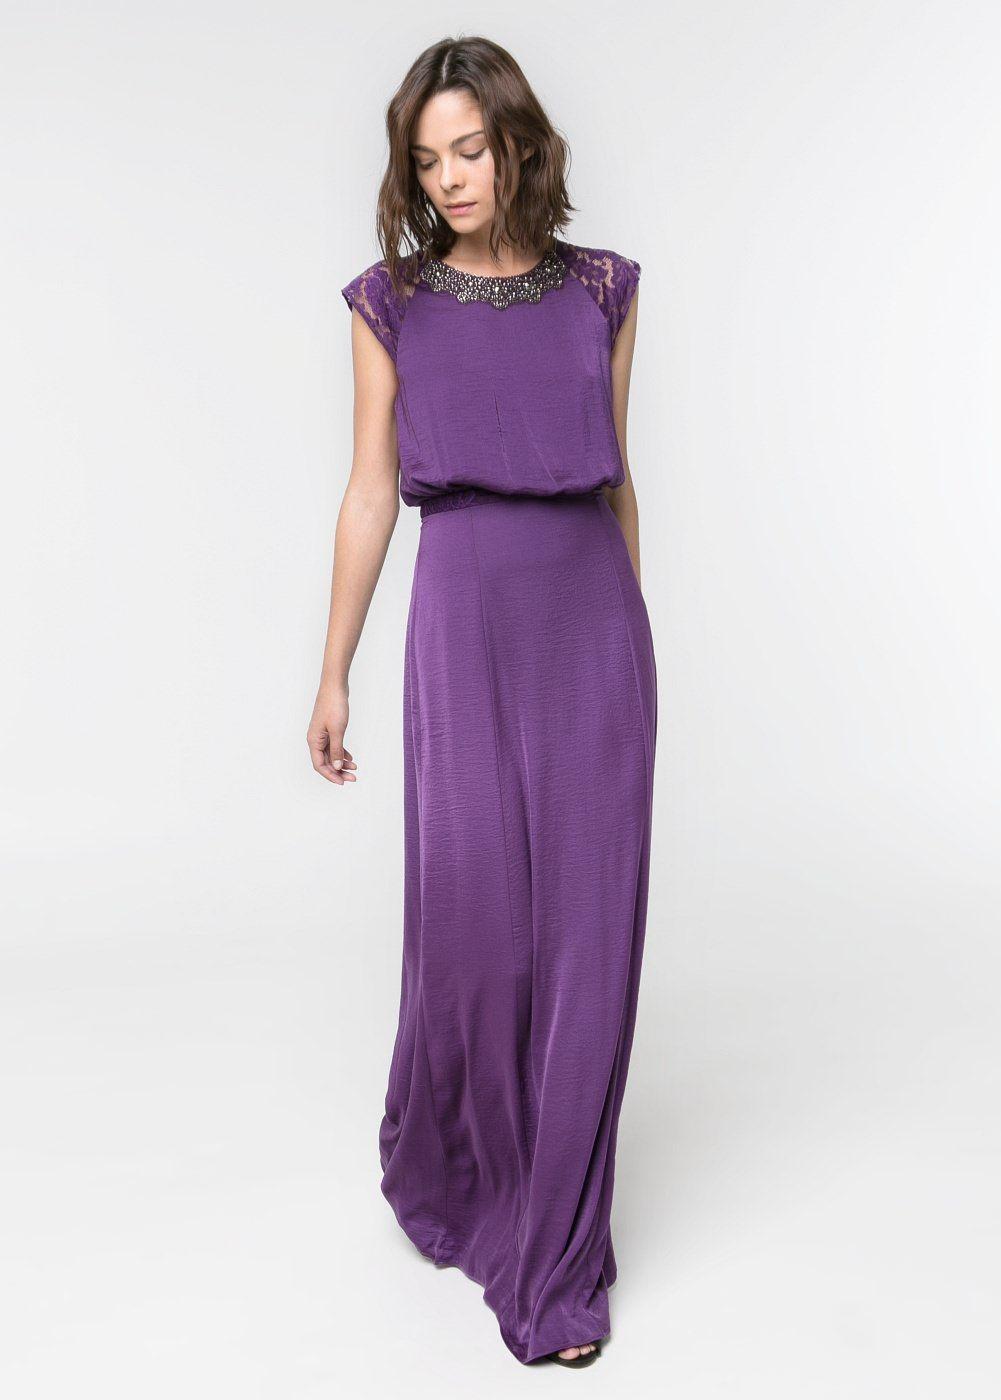 Vestido largo abalorios - Mujer | Abalorios, Vestiditos y Vestido largo